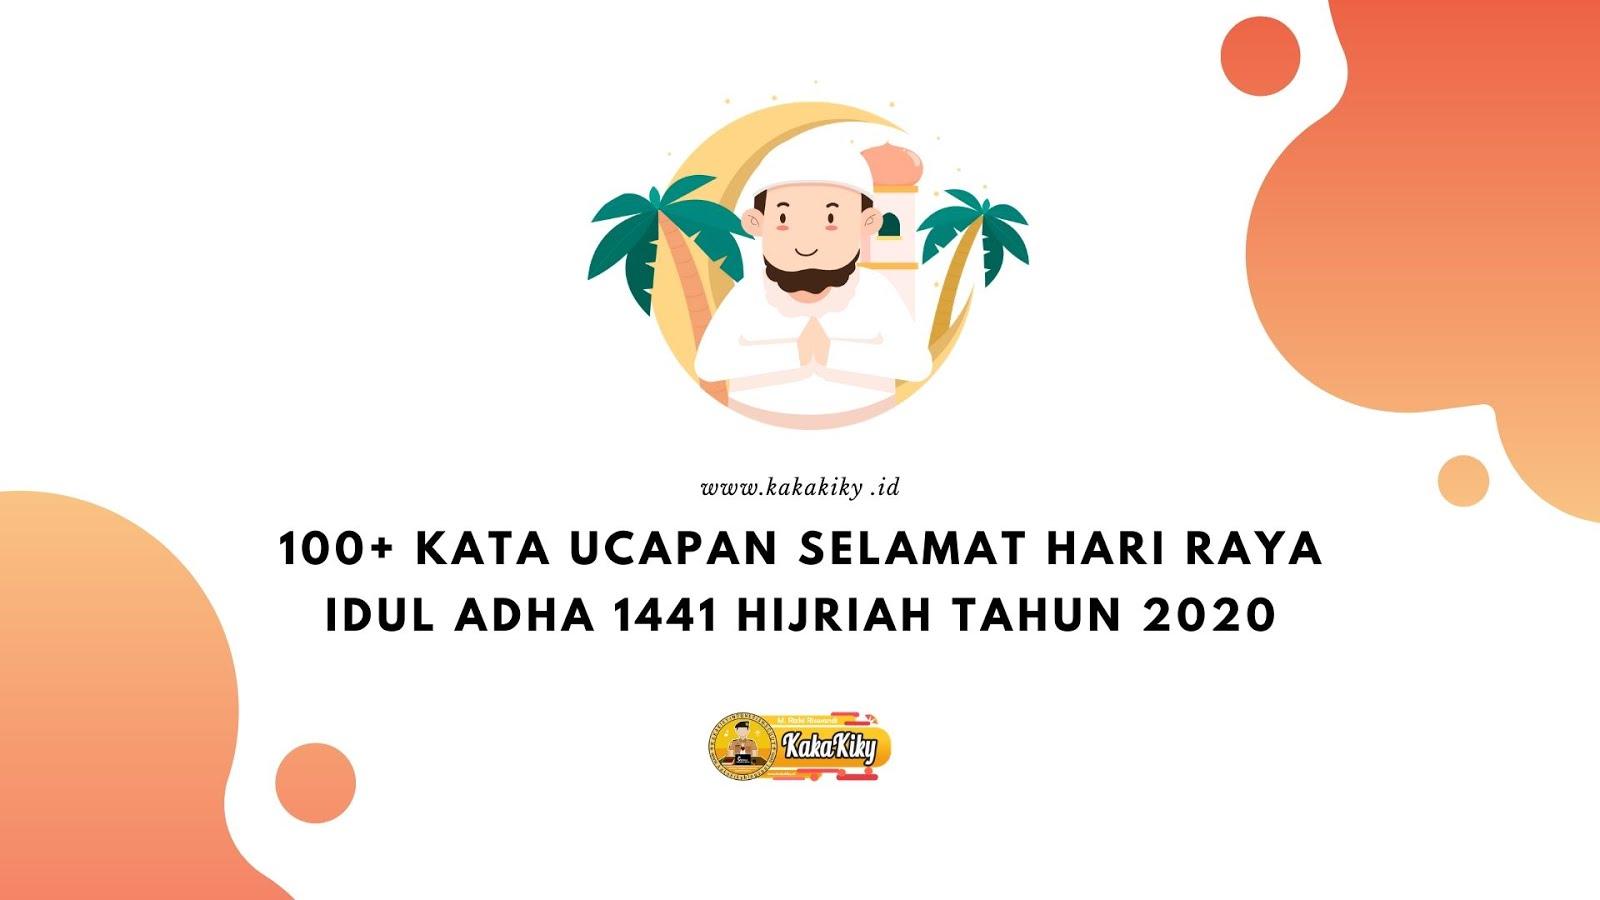 50 Kata Ucapan Selamat Hari Raya Idul Adha 1441 Hijriah Tahun 2020 Kakakiky Blog Edukasi